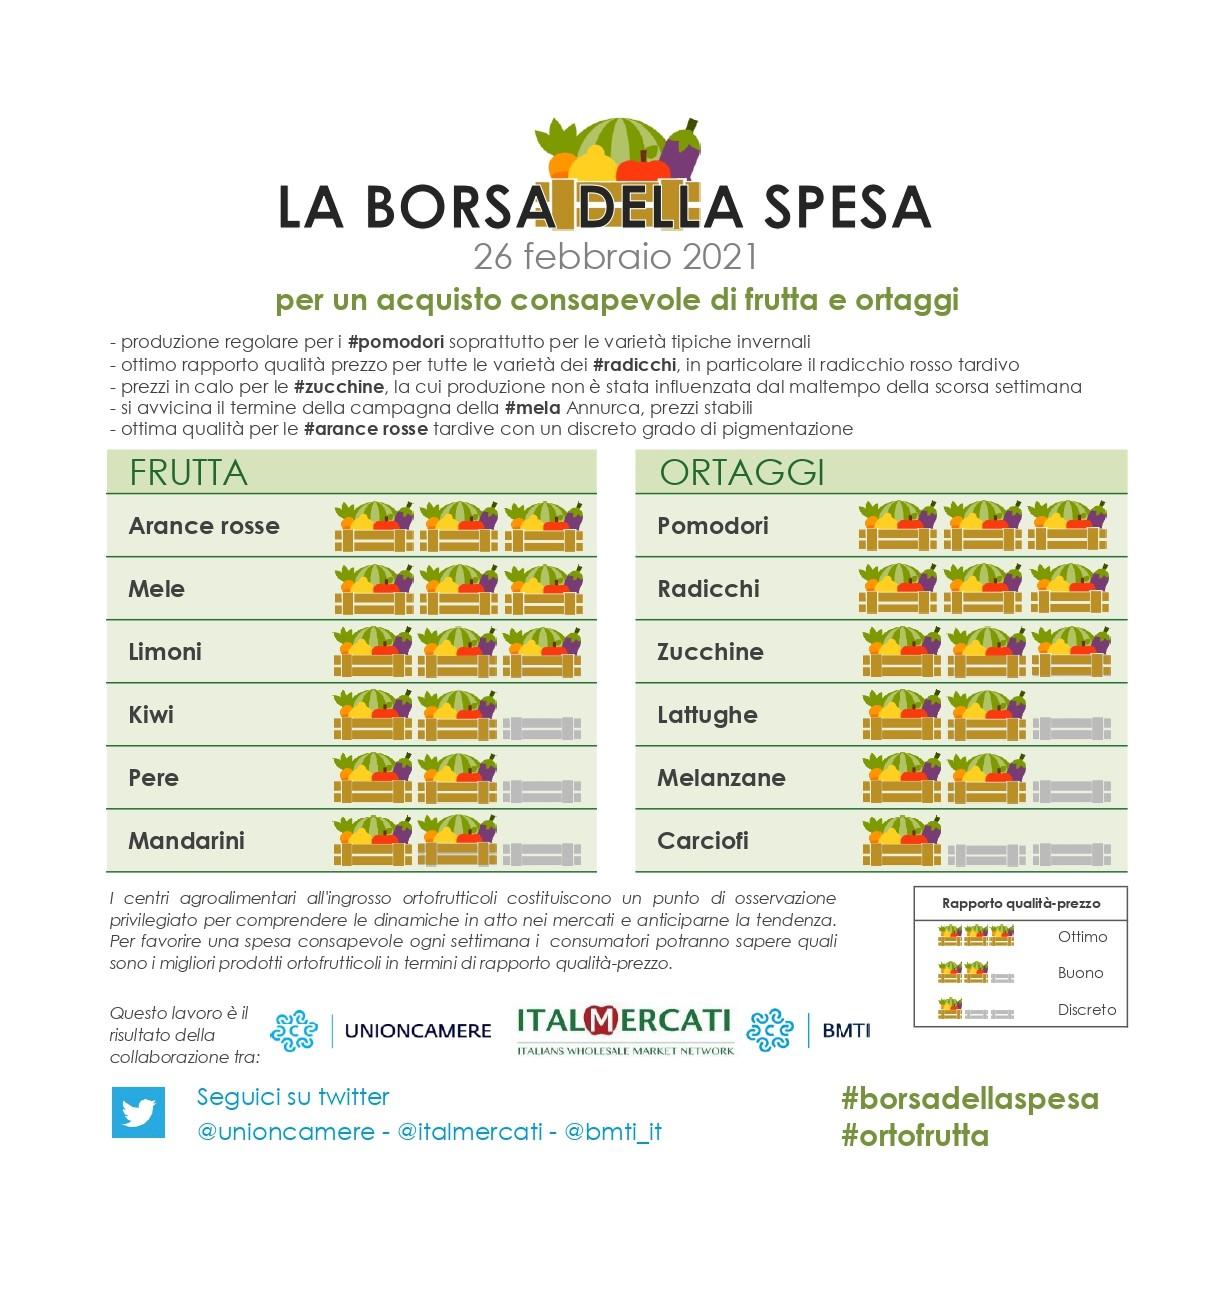 Nella #borsadellaspesa di #ortofrutta di questa settimana: #arance rosse, #mele, #limoni, #pomodori, #radicchi e #zucchine  - 26 febbraio